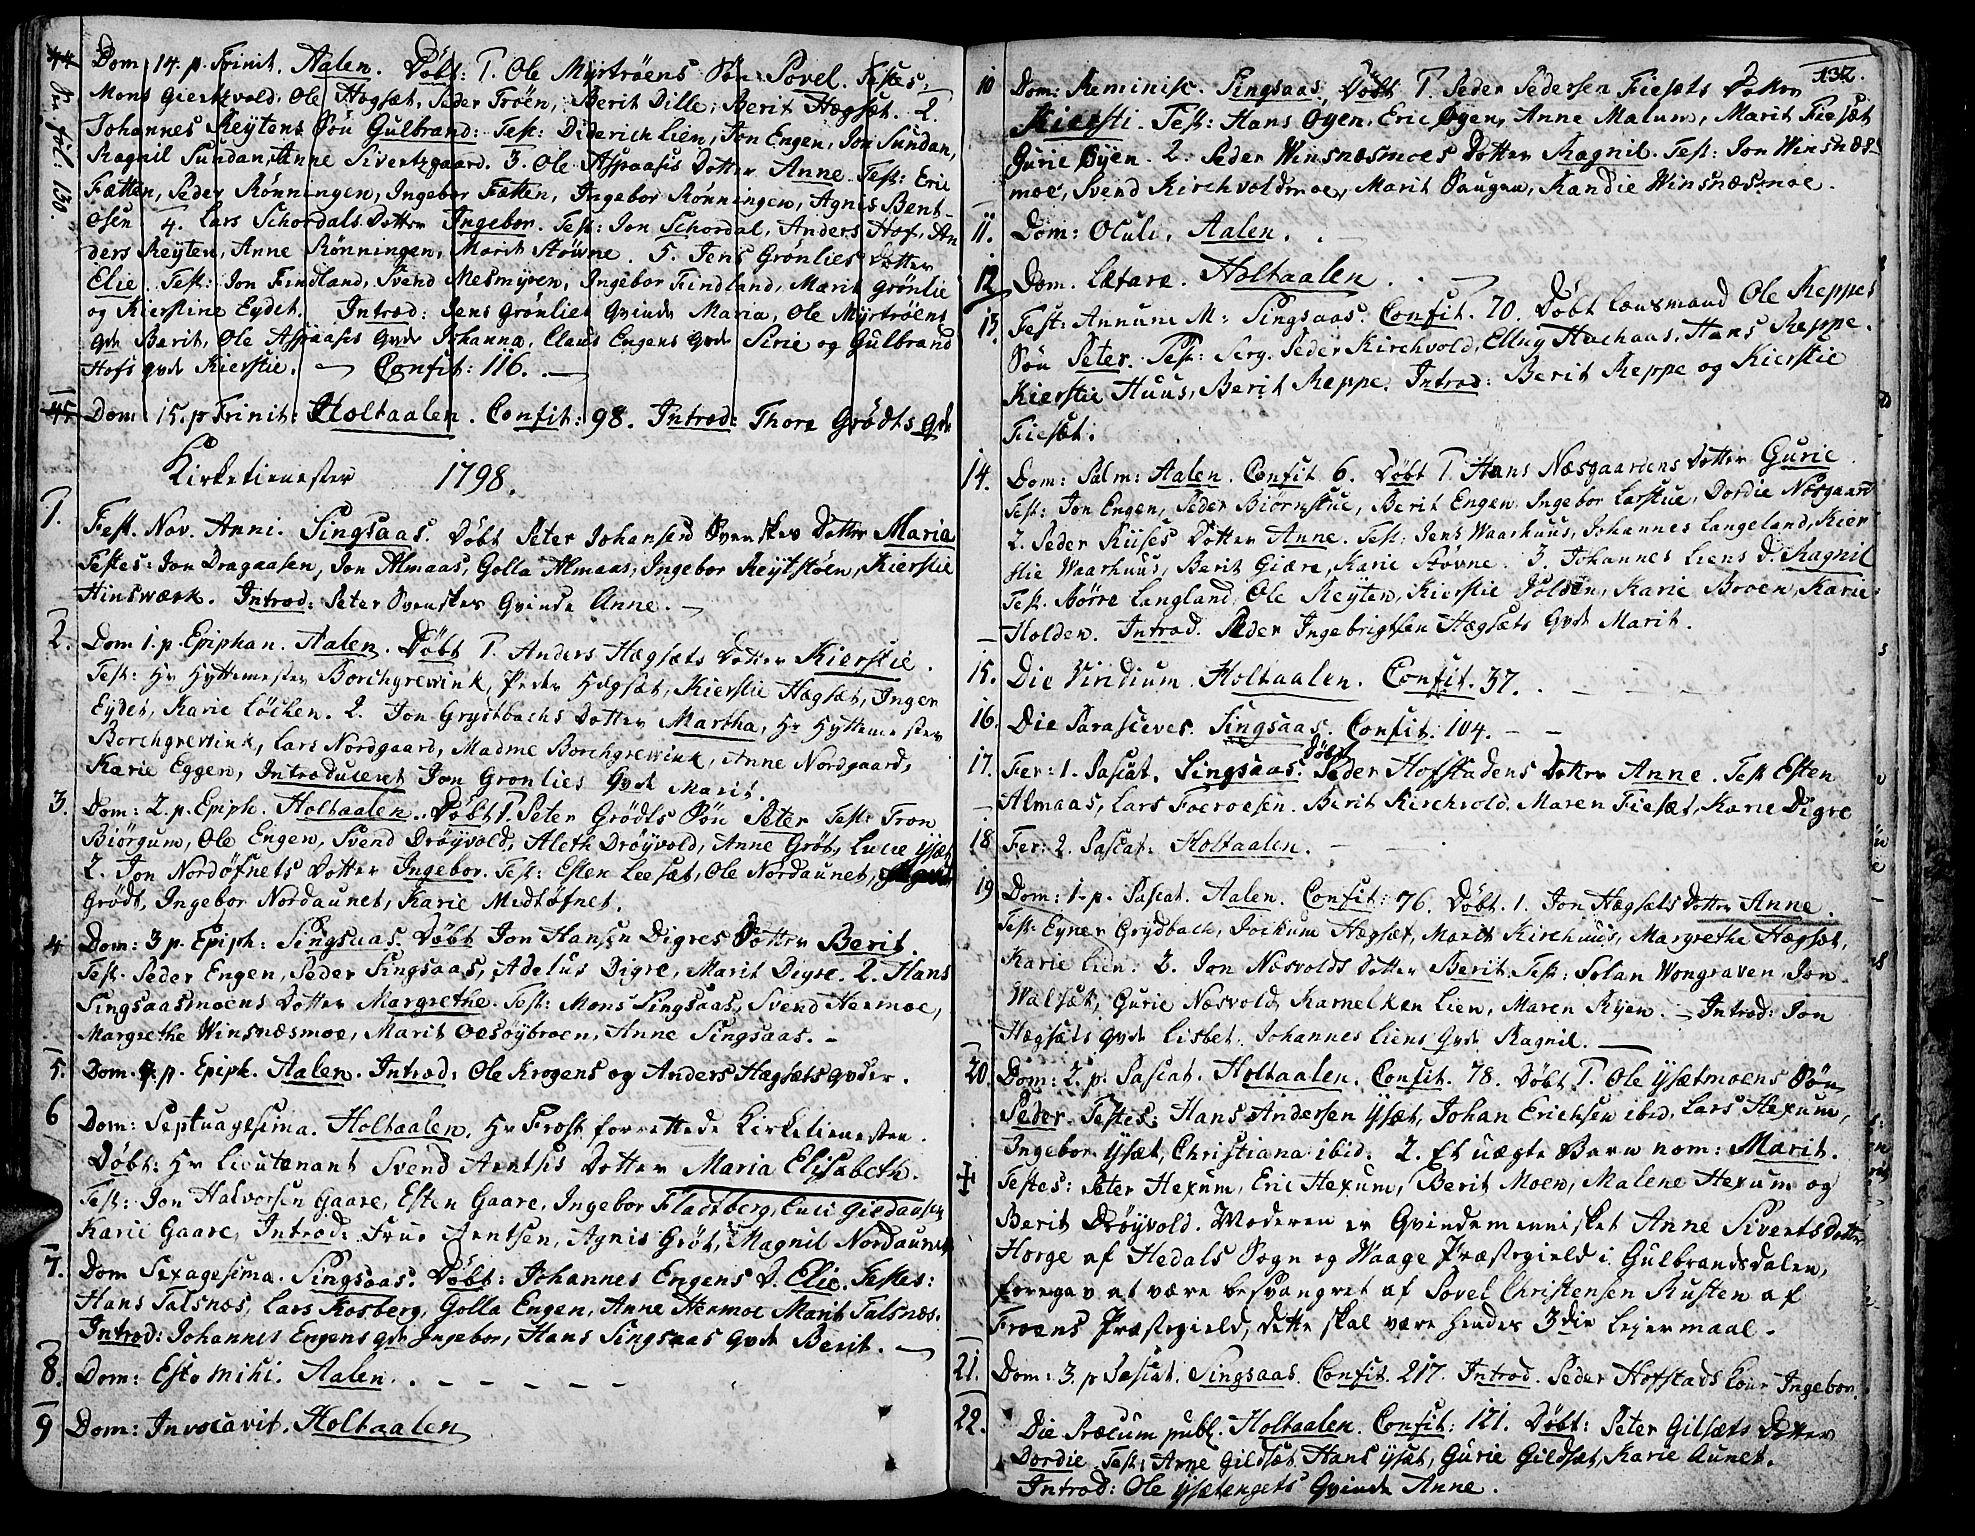 SAT, Ministerialprotokoller, klokkerbøker og fødselsregistre - Sør-Trøndelag, 685/L0952: Ministerialbok nr. 685A01, 1745-1804, s. 132